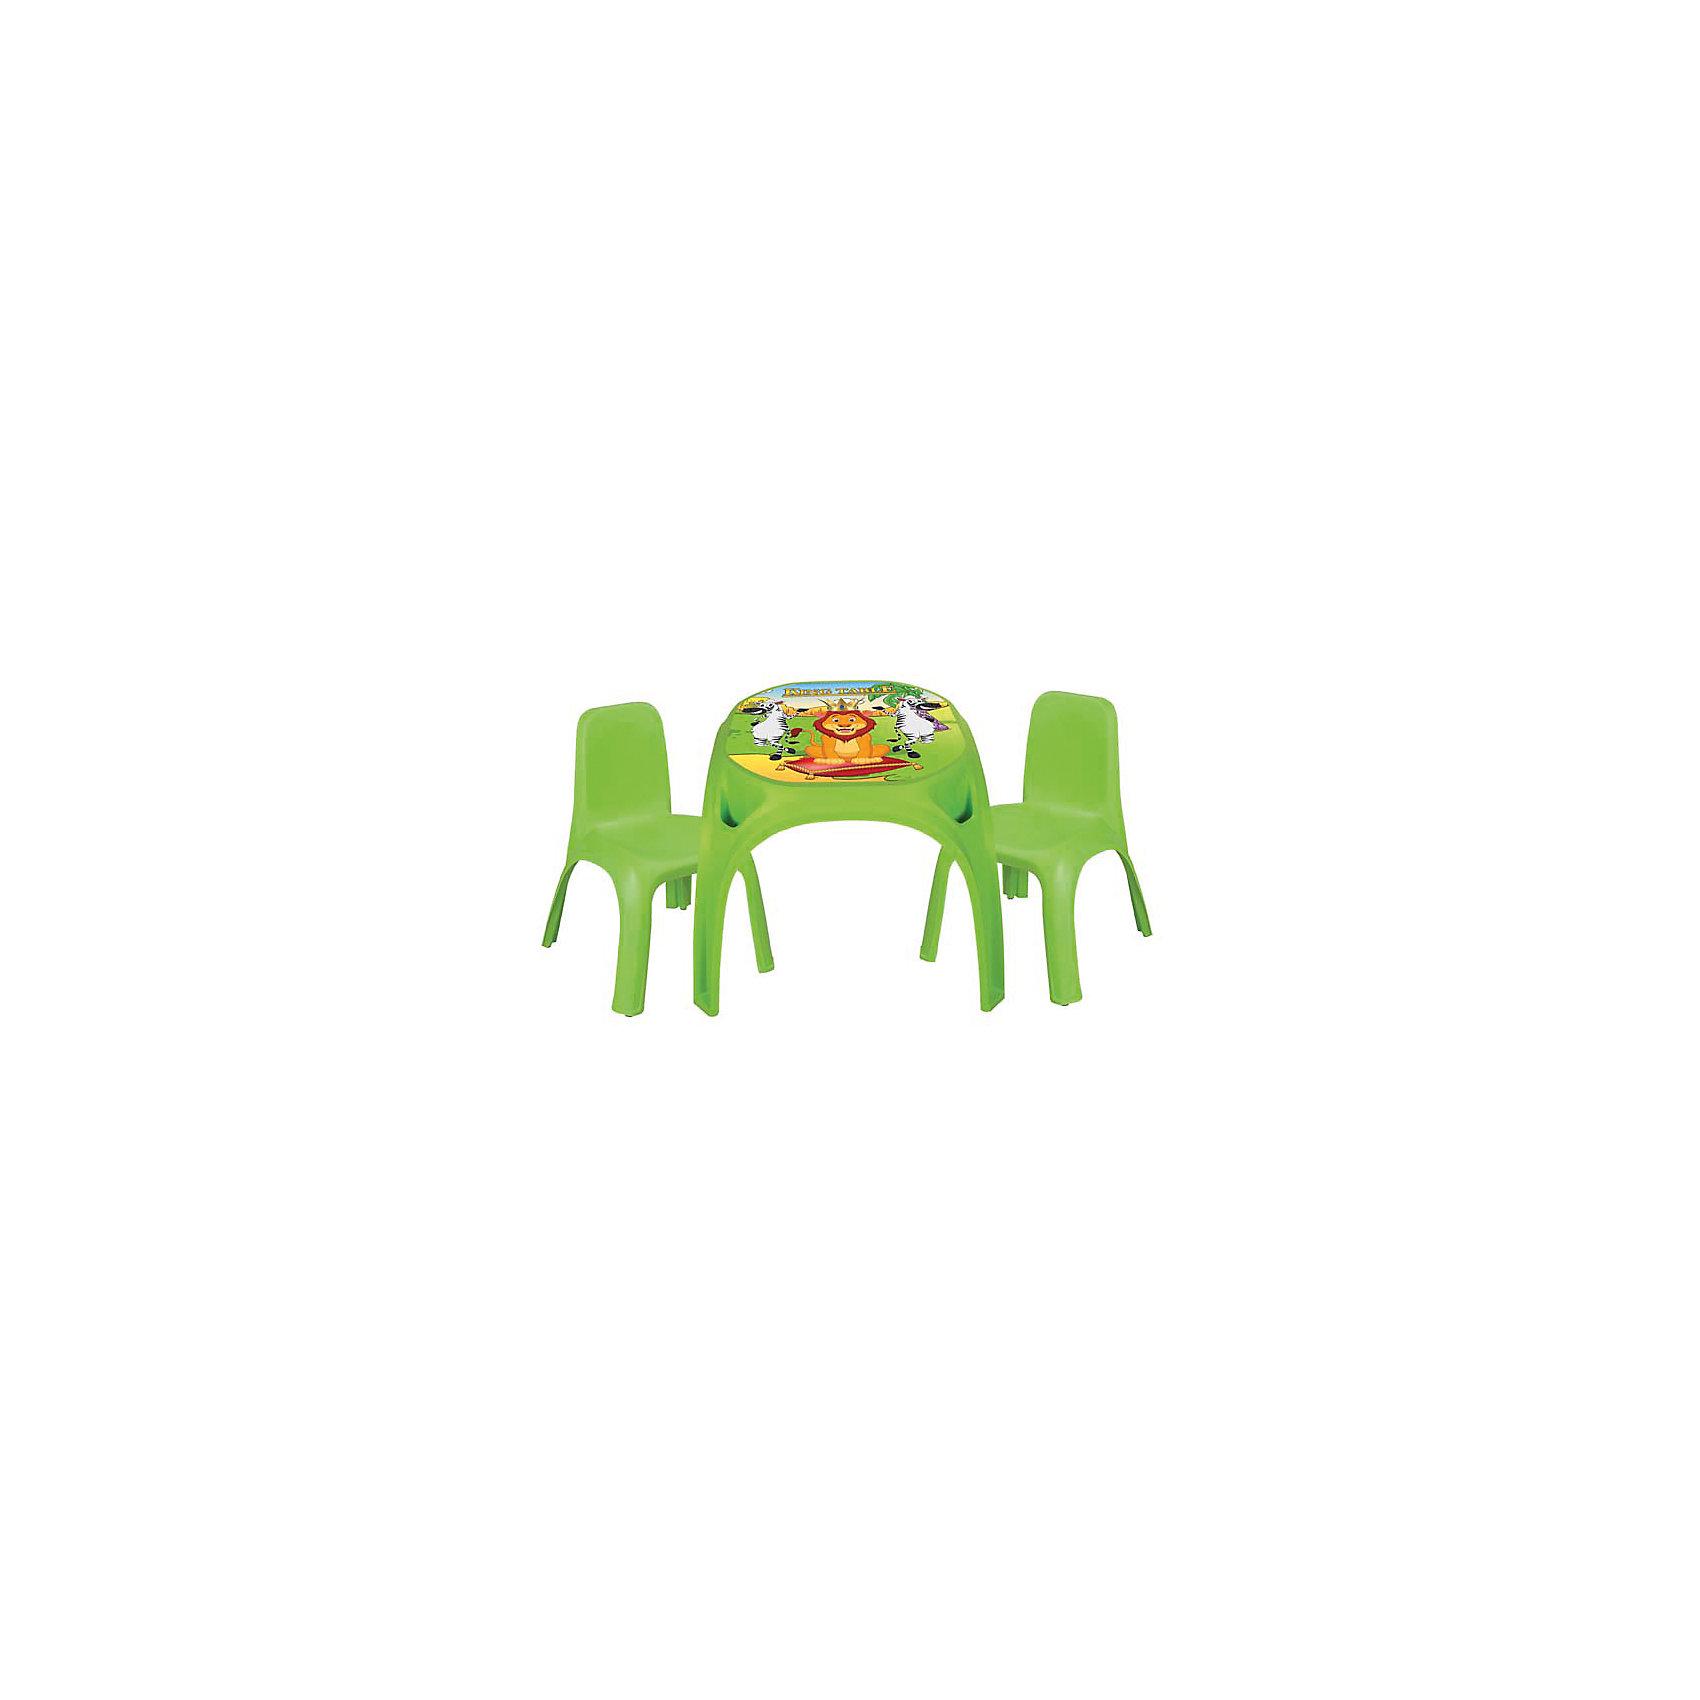 Стол с двумя стульями для детей King, PILSAN, зеленыйДомики и мебель<br>Характеристики товара:<br><br>• возраст: от 3 лет<br>• стол с двумя кармашками по бокам<br>• красочная картинка на столешнице<br>• в комплекте: стол, 2 стула<br>• материал: пластик<br>• размер стола: 64,5х64,5х50,5 см<br>• размер стула: 43х43х56 см<br>• максимальная нагрузка: 50 кг<br>• размер упаковки: 52х62х62 см<br>• вес: 7 кг<br><br>Набор King Pilsan состоит из стола и двух стульев, который можно использовать как для развивающих и творческих занятий, так и для приема пищи. <br><br>Стол оснащен двумя кармашками для письменных принадлежностей или небольших игрушек. Столешница оформлена красочным рисунком. <br><br>Мебель изготовлена из высококачественного безопасного пластика, окрашенного нетоксичными красками.<br><br>Стол с двумя стульями для детей King, PILSAN (Пилсан) вы можете купить в нашем интернет-магазине.<br><br>Ширина мм: 620<br>Глубина мм: 620<br>Высота мм: 520<br>Вес г: 7000<br>Возраст от месяцев: 36<br>Возраст до месяцев: 120<br>Пол: Унисекс<br>Возраст: Детский<br>SKU: 5512010